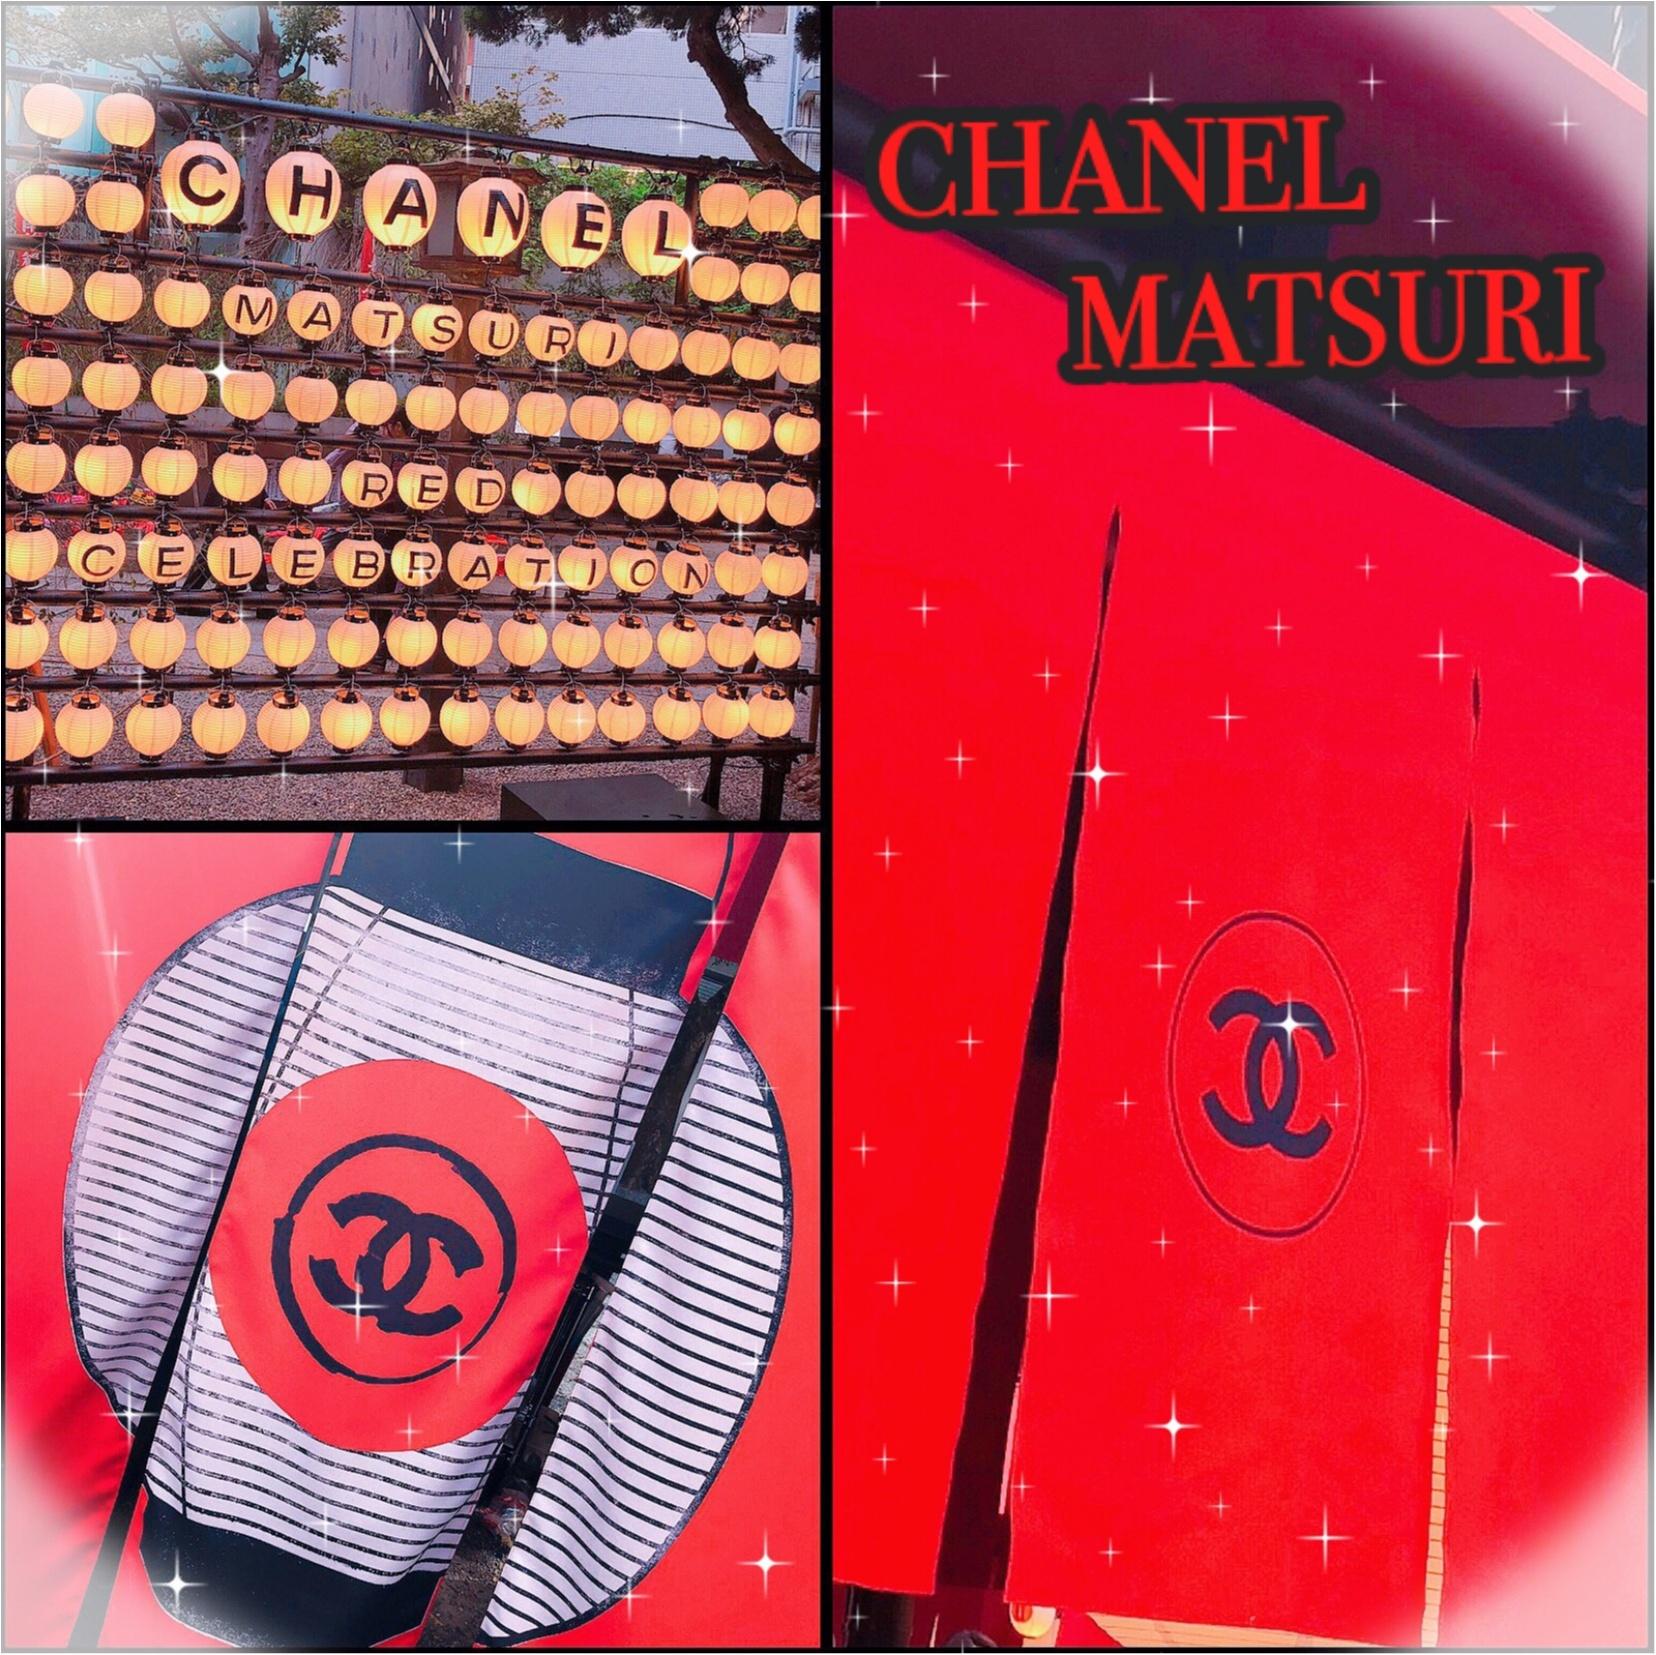 CHANELワールドに感動♡フォトスポットも沢山!CHANEL MATSURIの京都会場へ行ってきました(*˘︶˘*).。.:*♡ _1